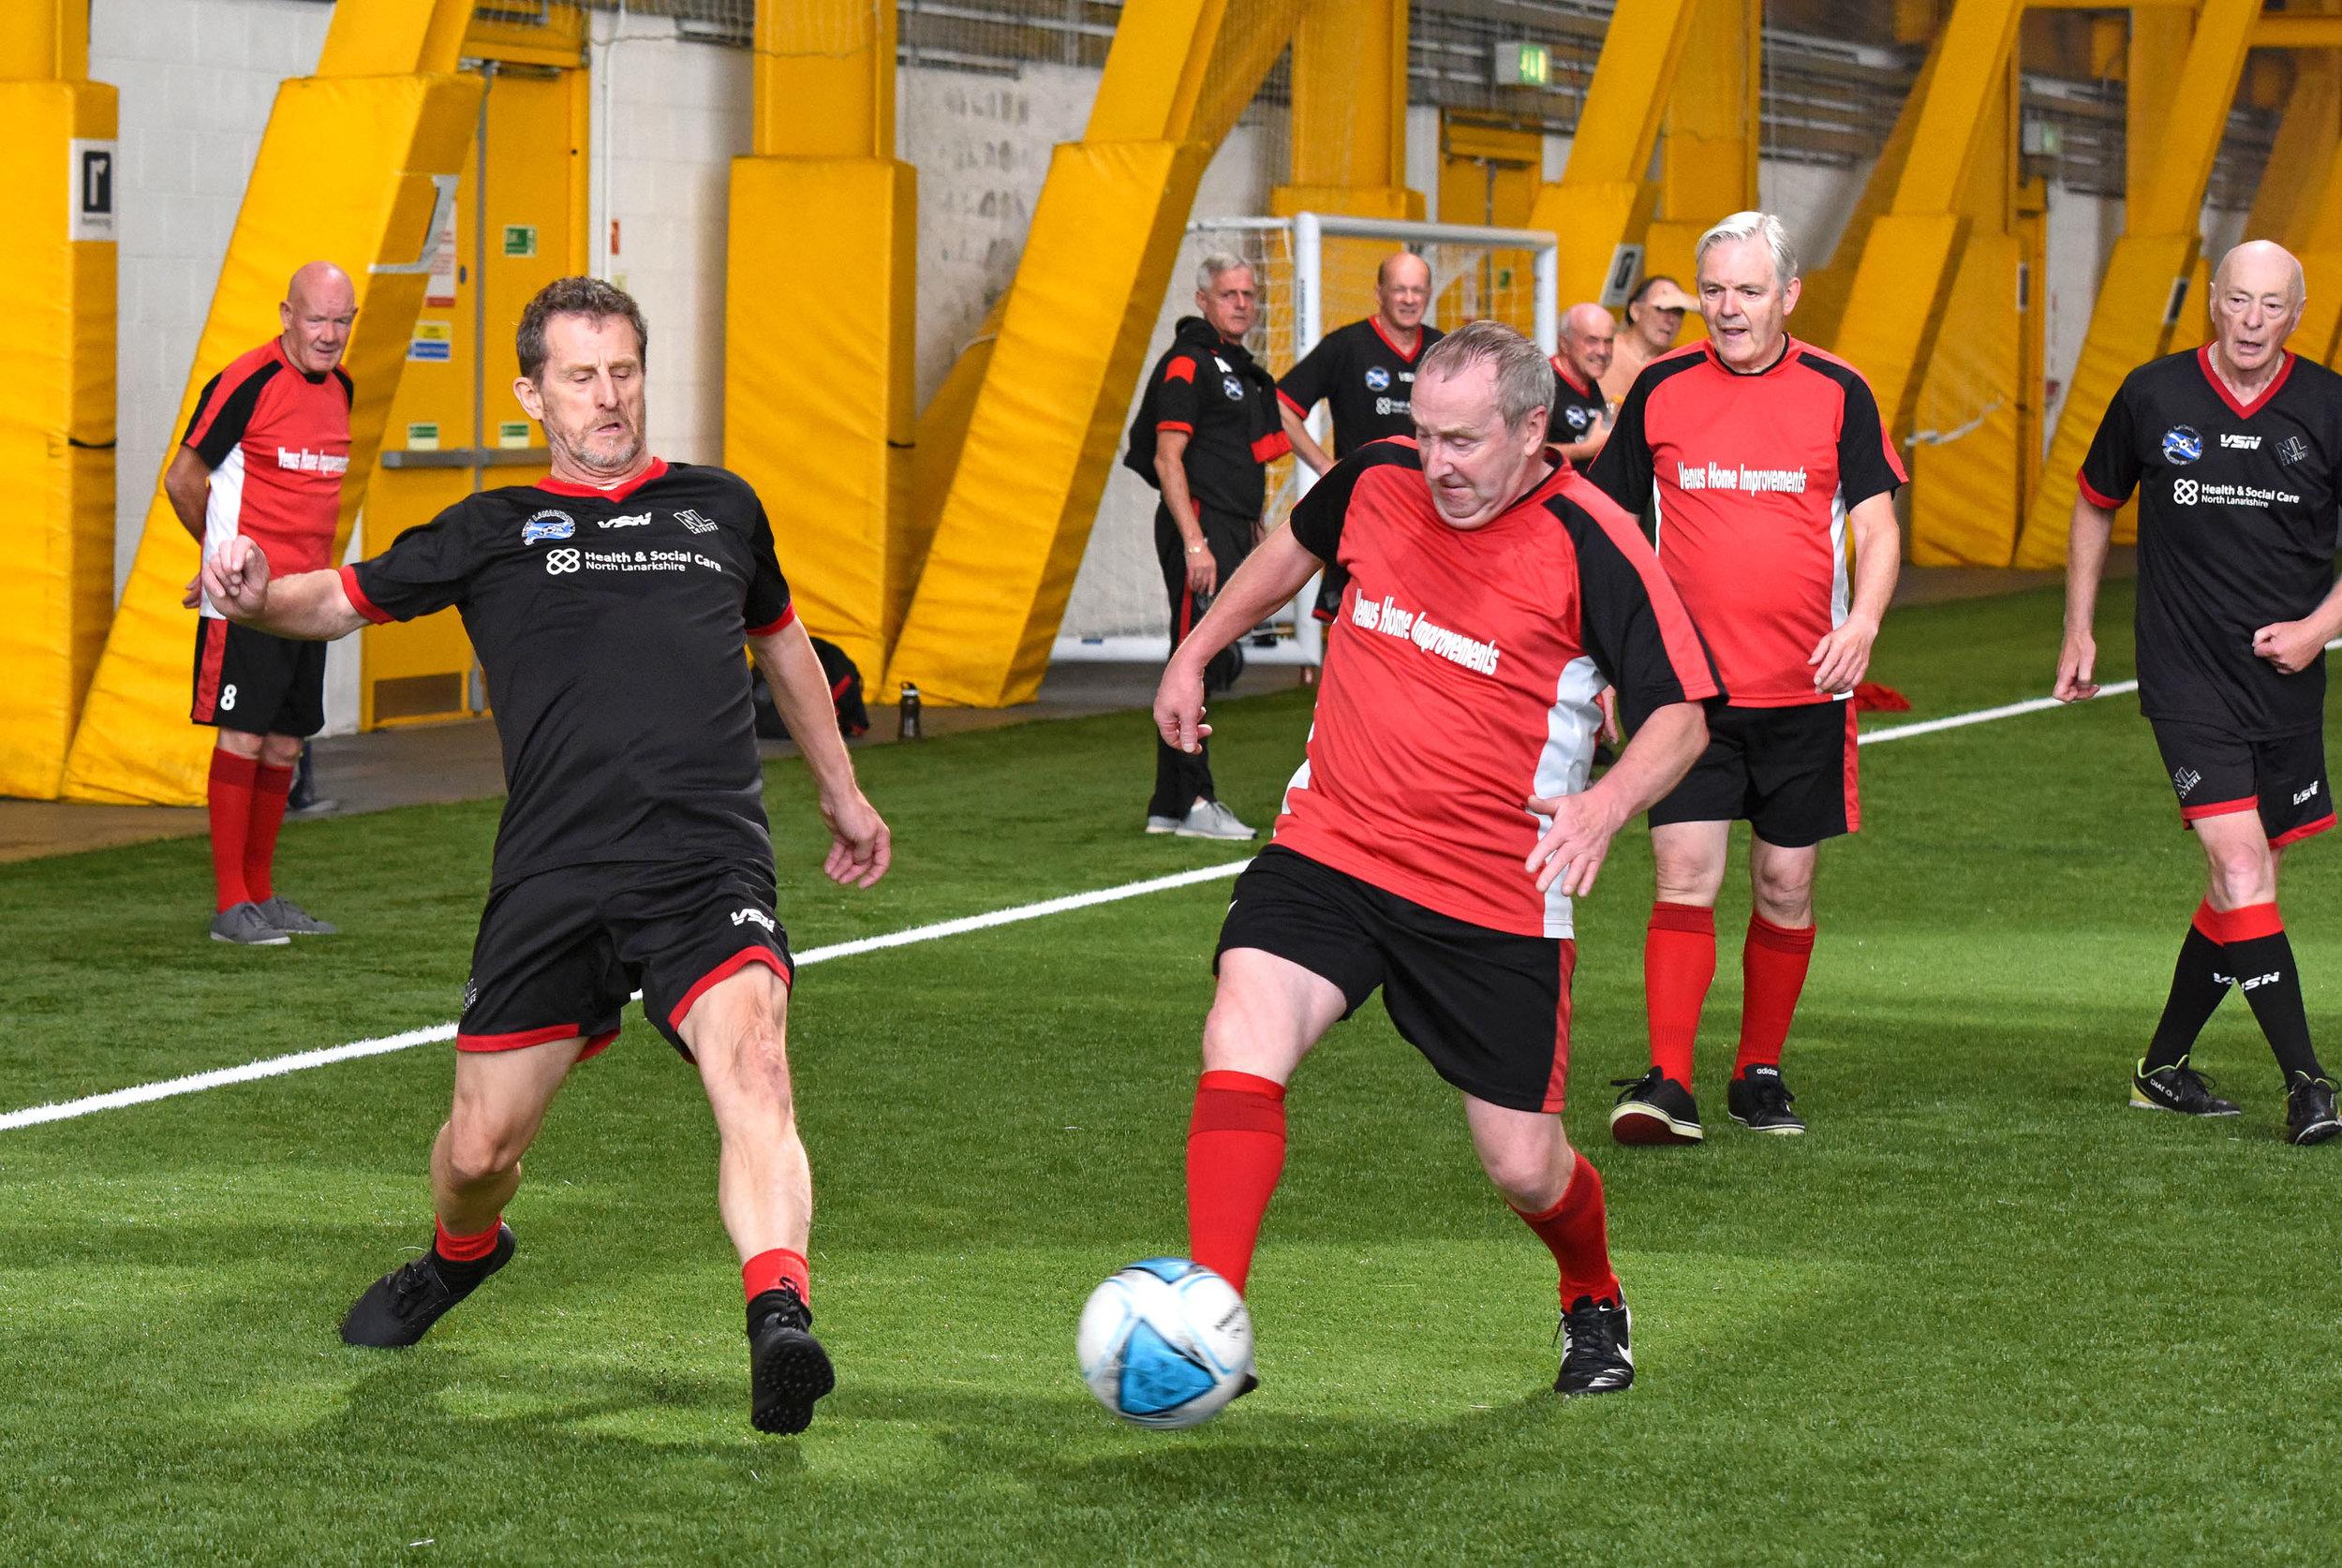 Action from North Lanarkshire Leisure A v East Kilbride Gerihatricks (Red)